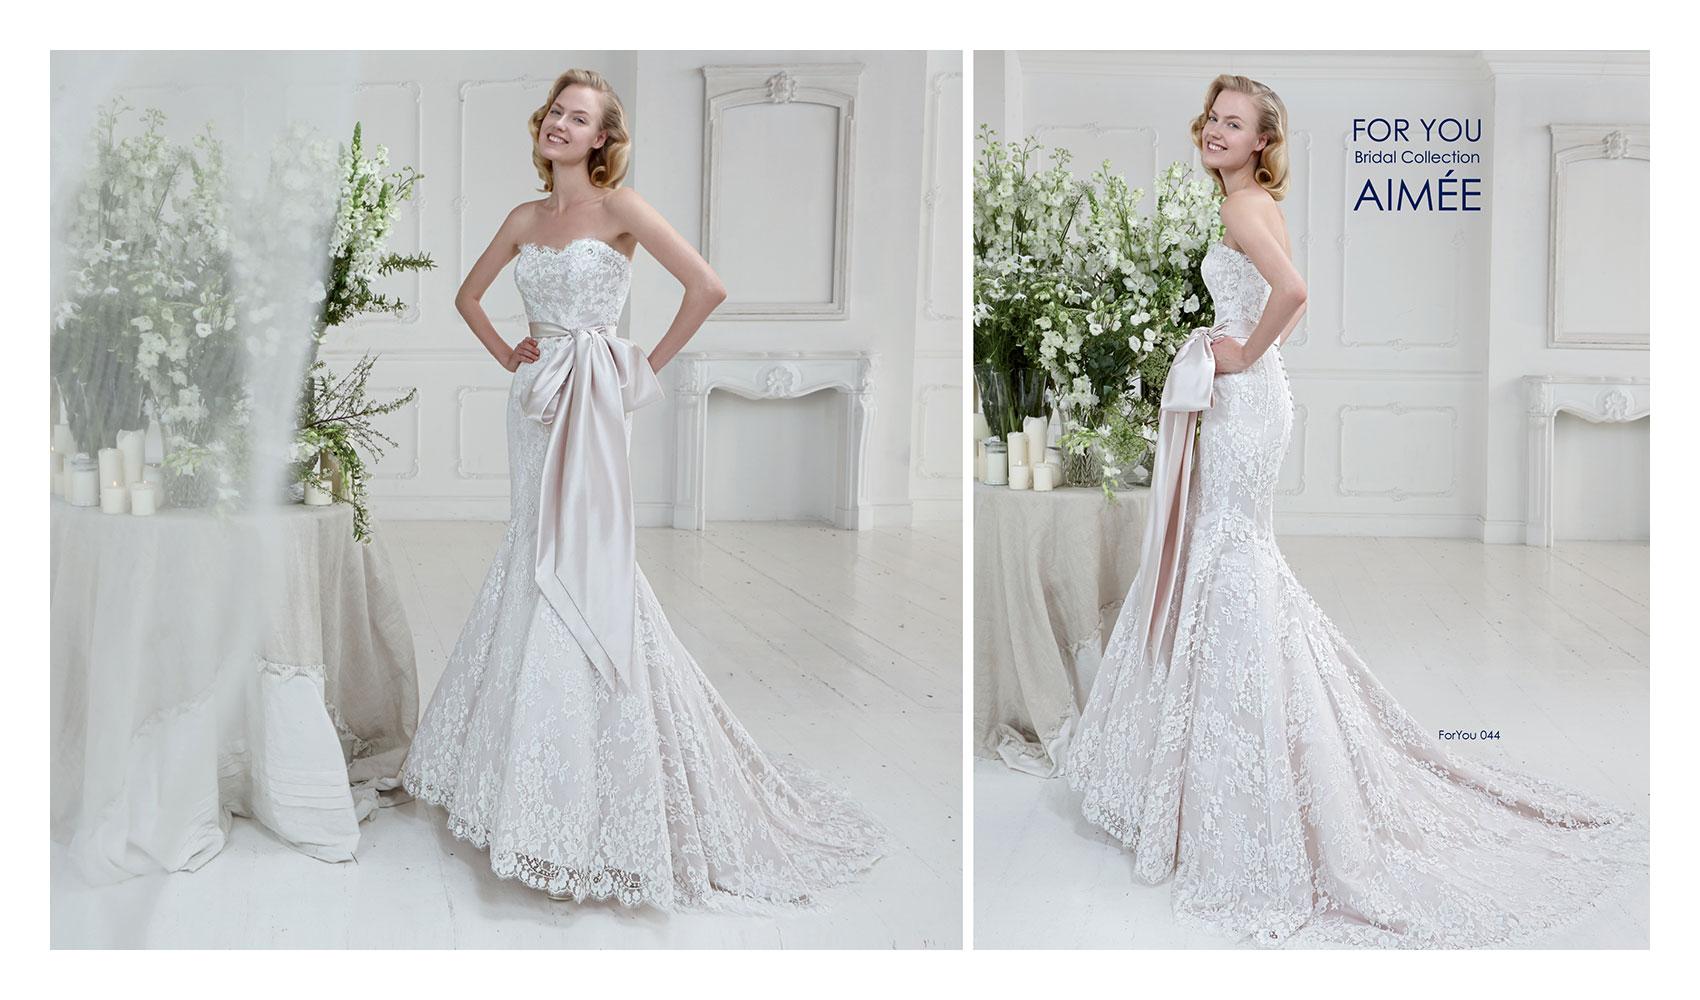 Aimee collezione For You 2015 abiti sposa3. Poesia e romanticismo per ... f998c3d81e4